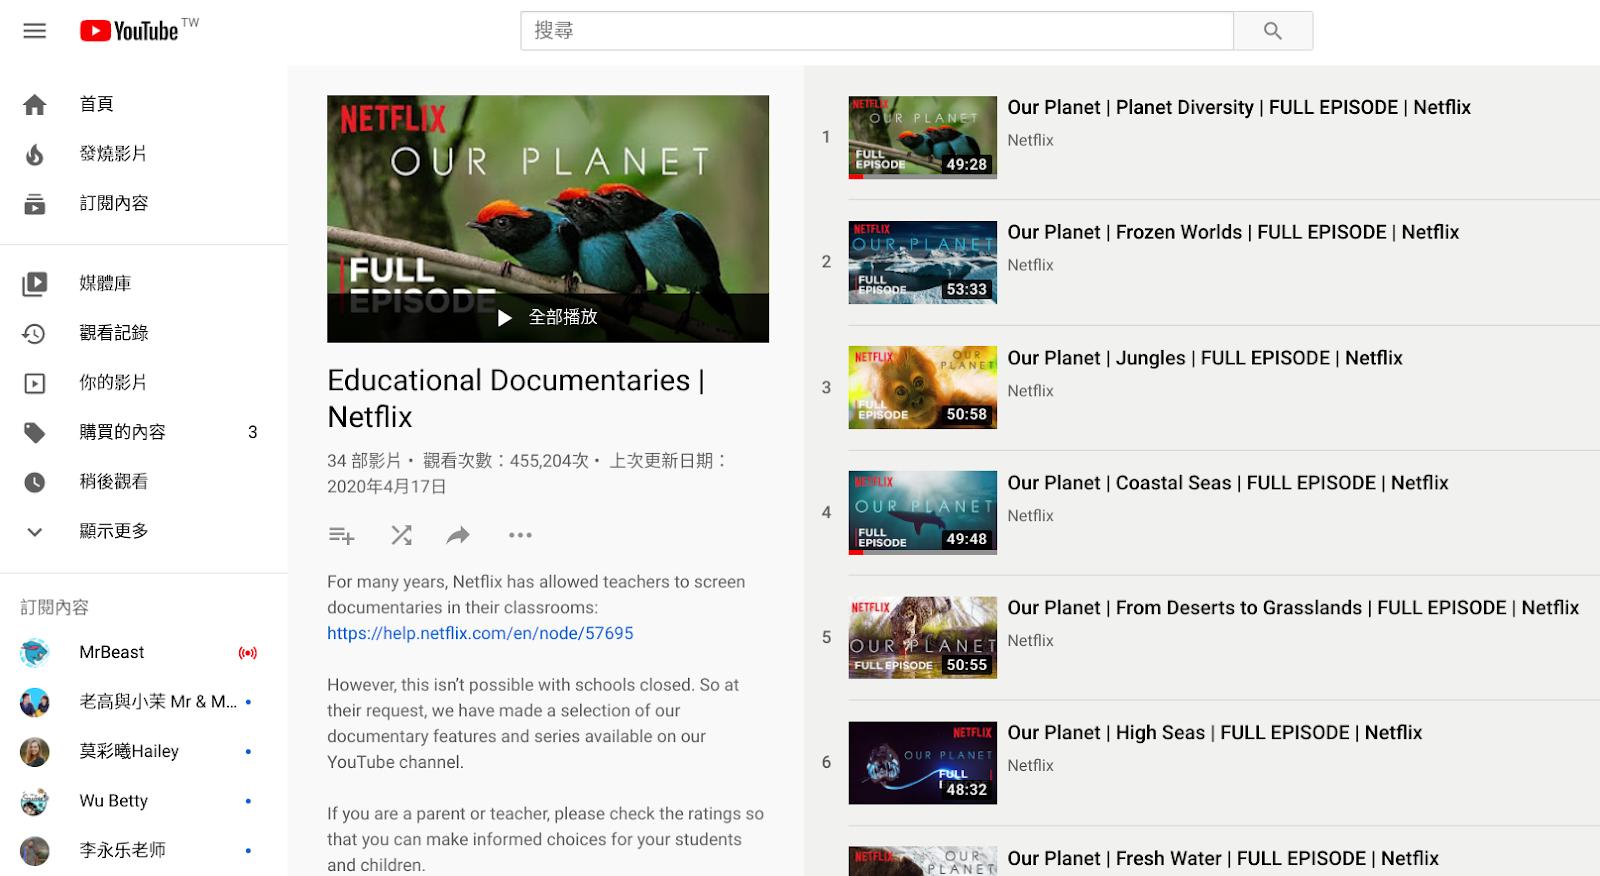 第1667回-YouTube-用 Dualsub 雙語字幕外掛 看 NETFLIX 教育性紀錄片